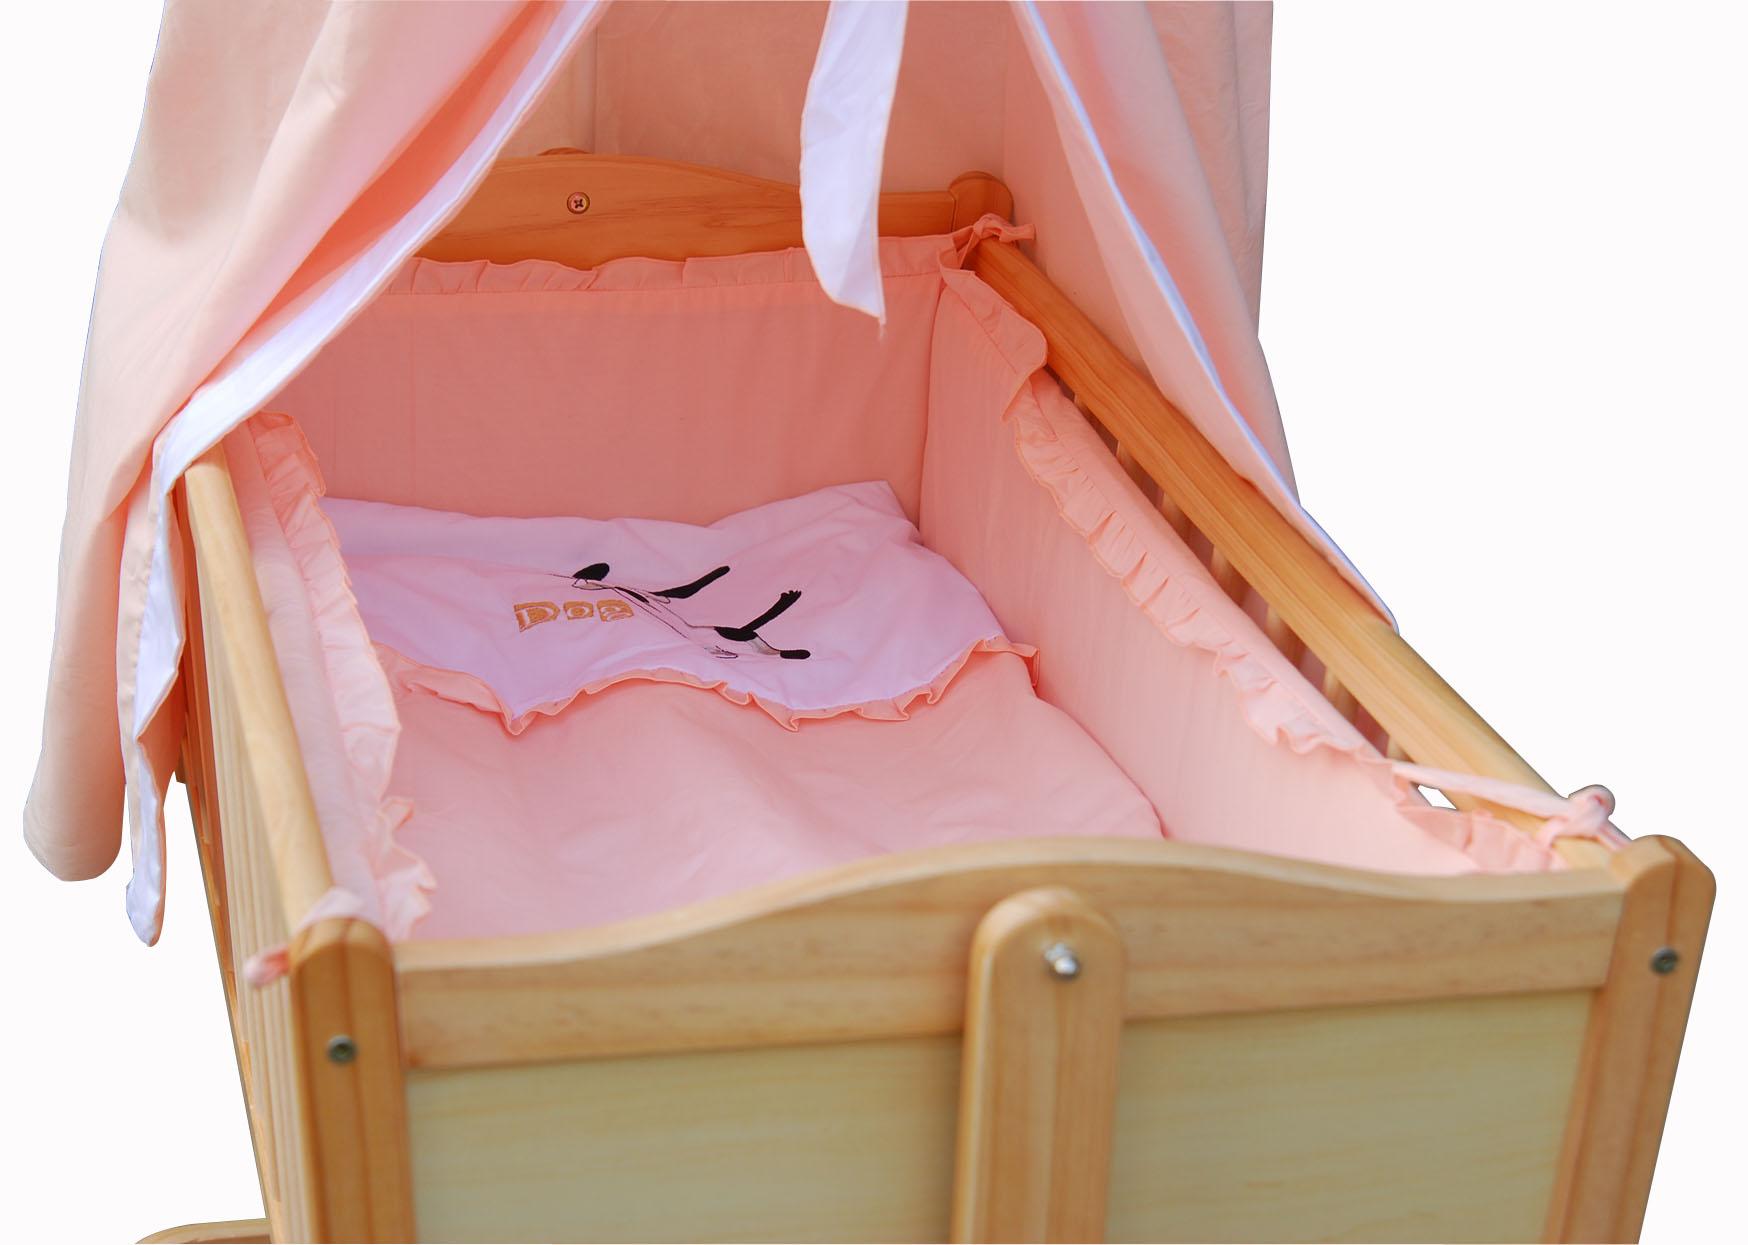 Berceau en bois avec voile pour mettre bébé jusqu'à l'âge de 6 mois